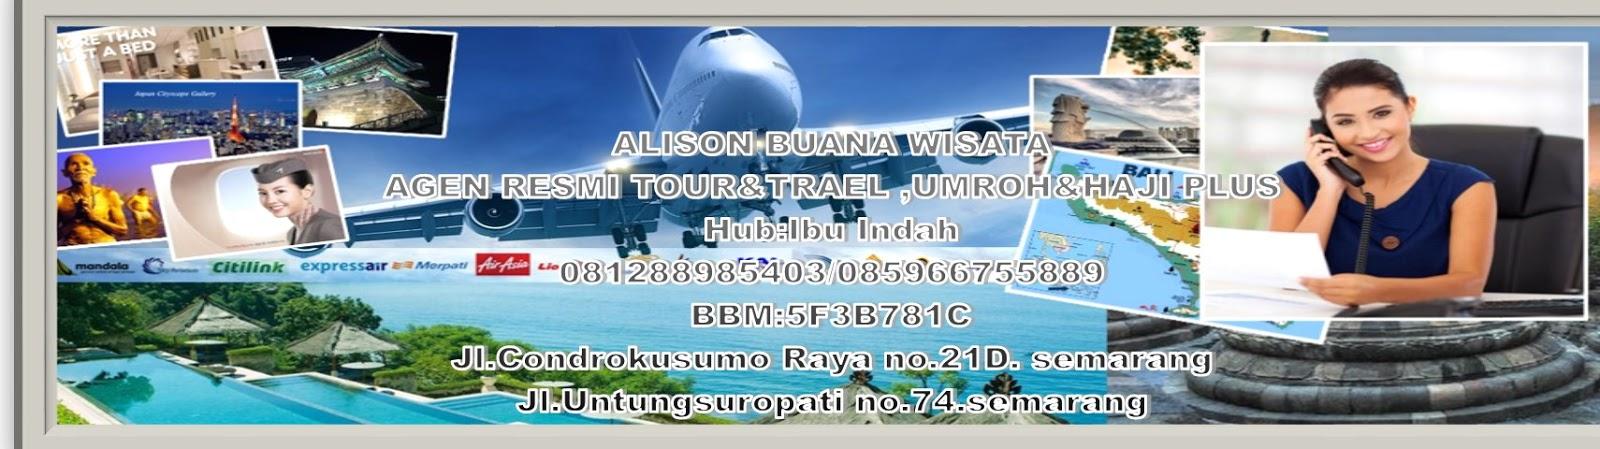 Booking Tiket Murah Semarang Tiket Pesawat Murah Semarang